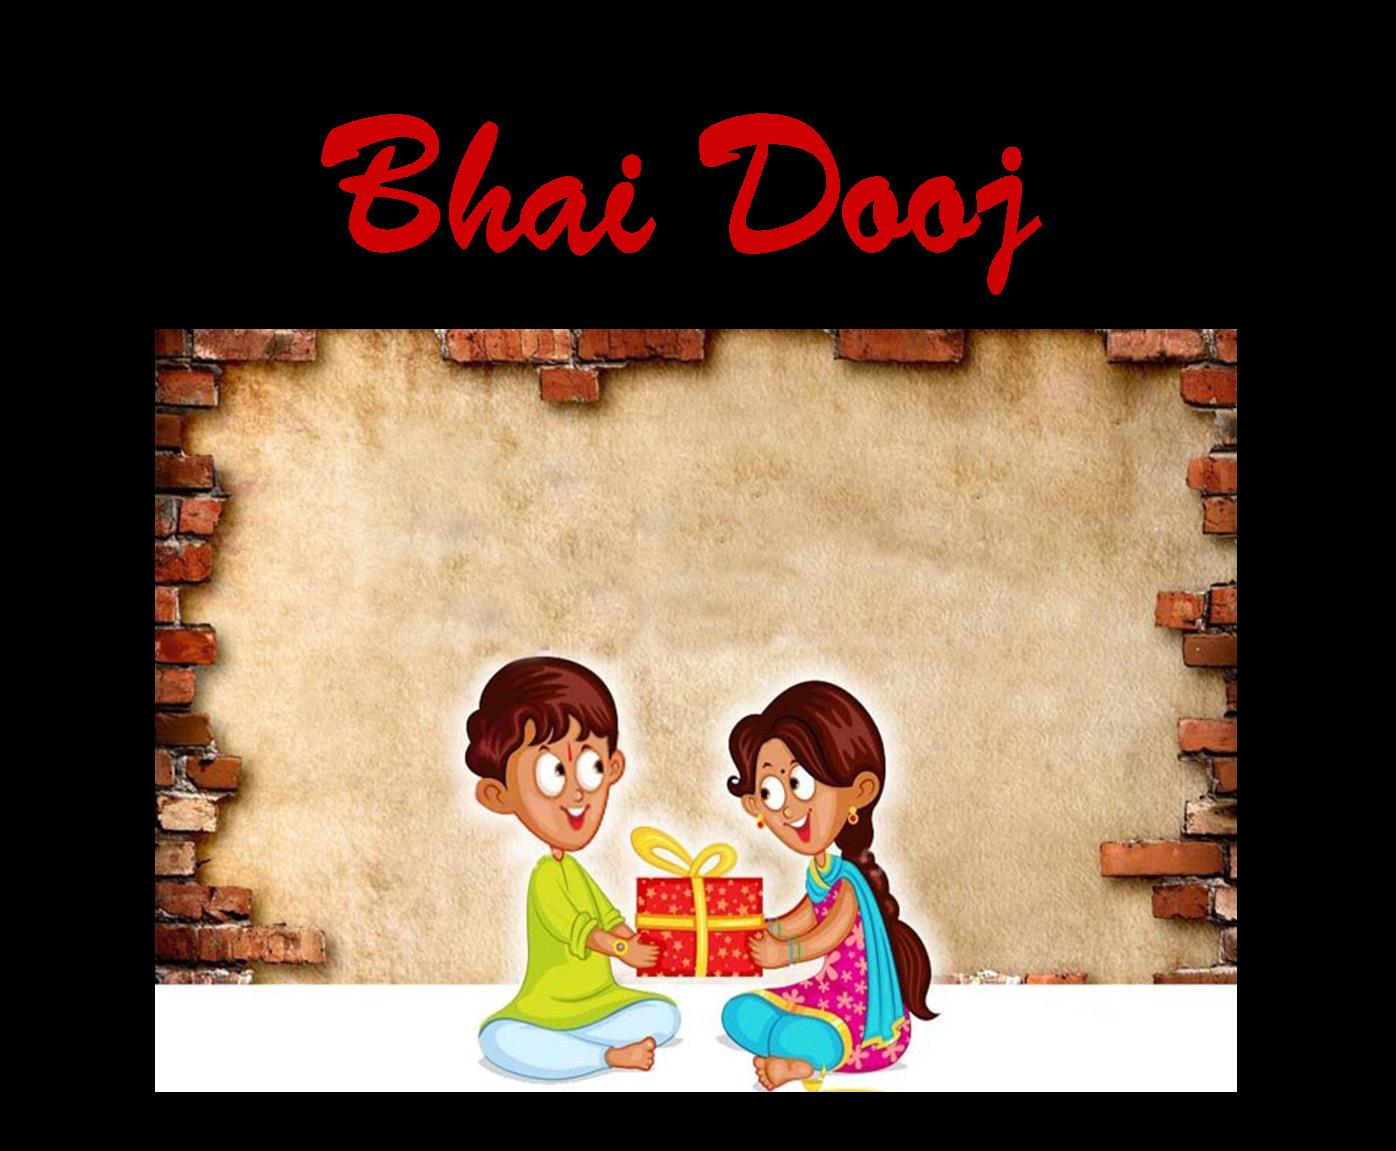 Bhau-Beej Bhai Tika Stickers